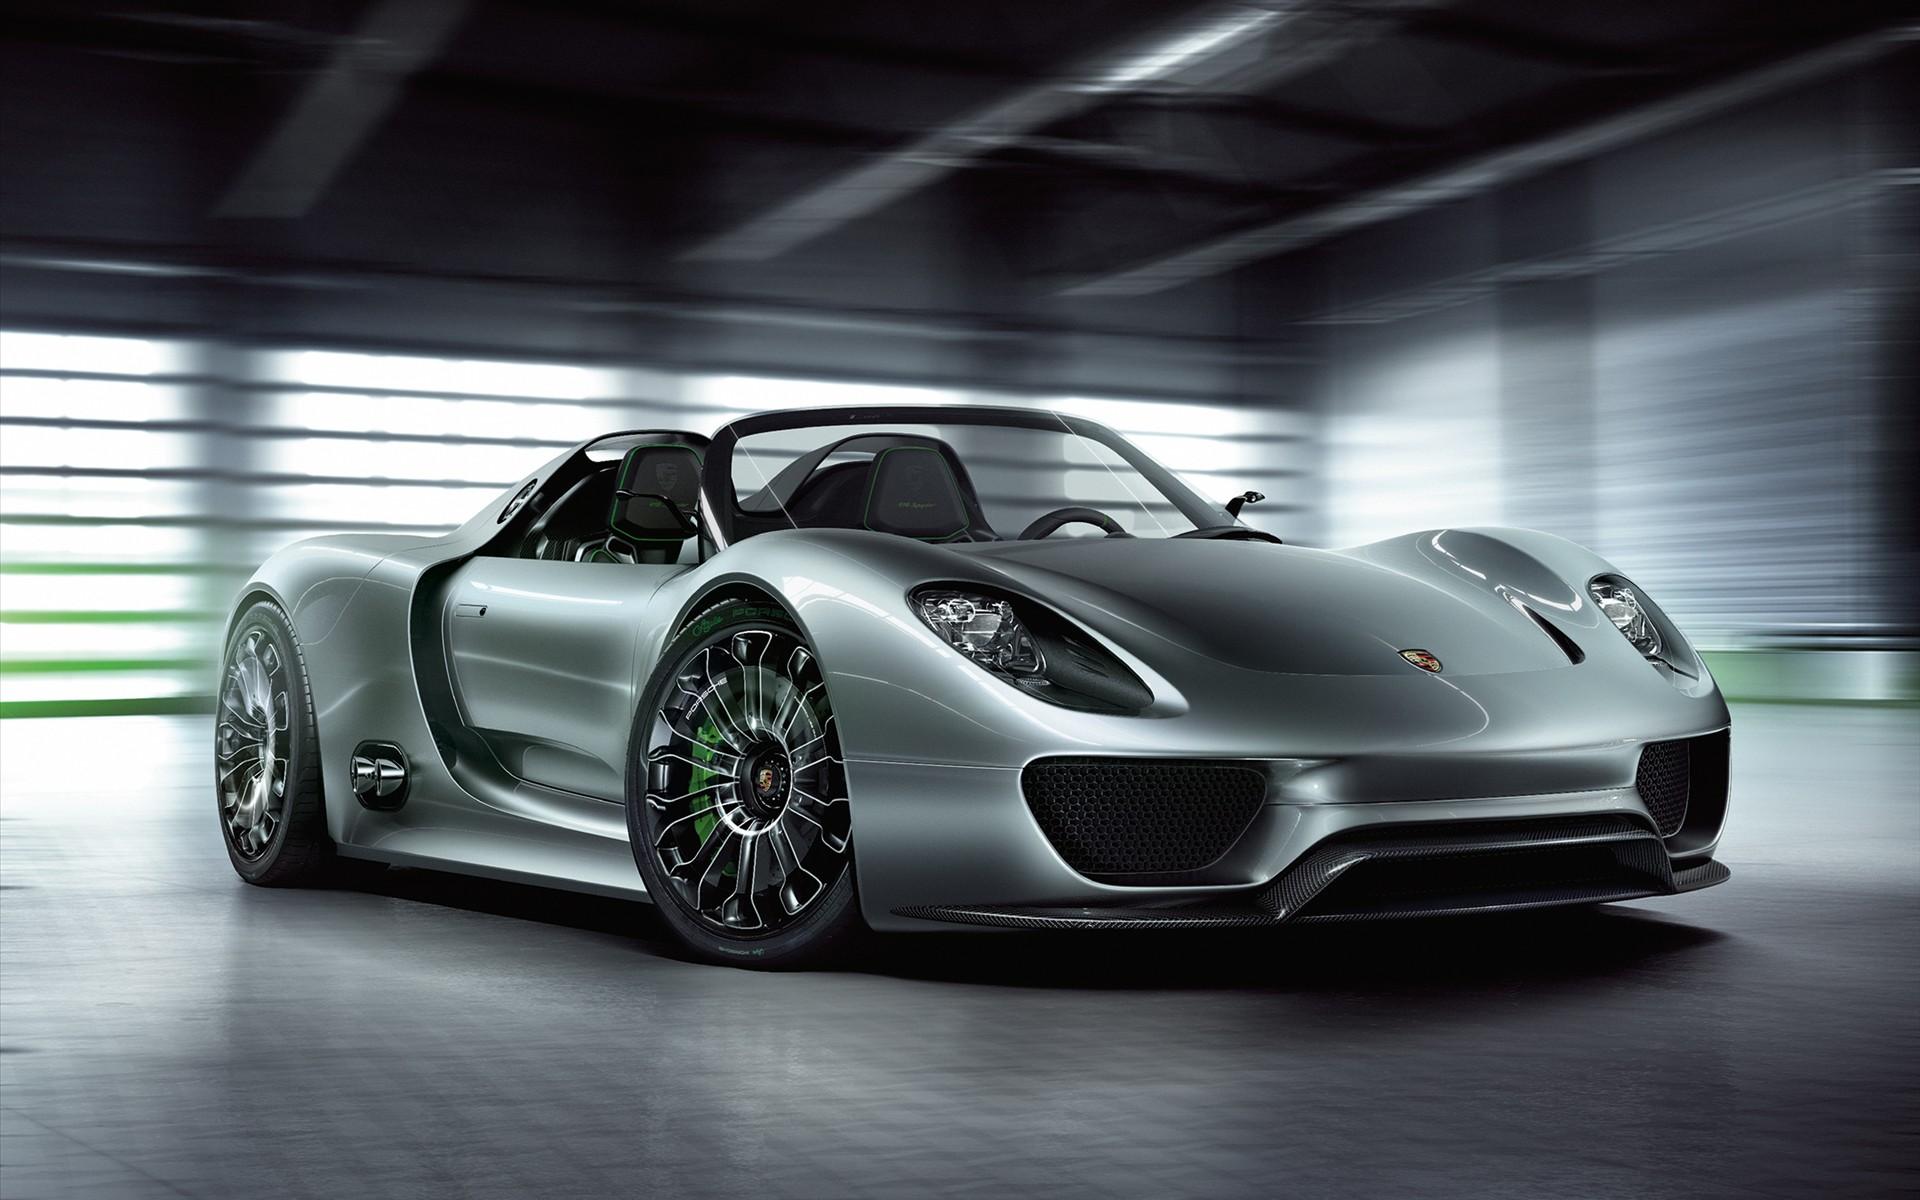 2011 porsche 918 spyder wallpapers hd wallpapers - Porsche Wallpapers For Desktop